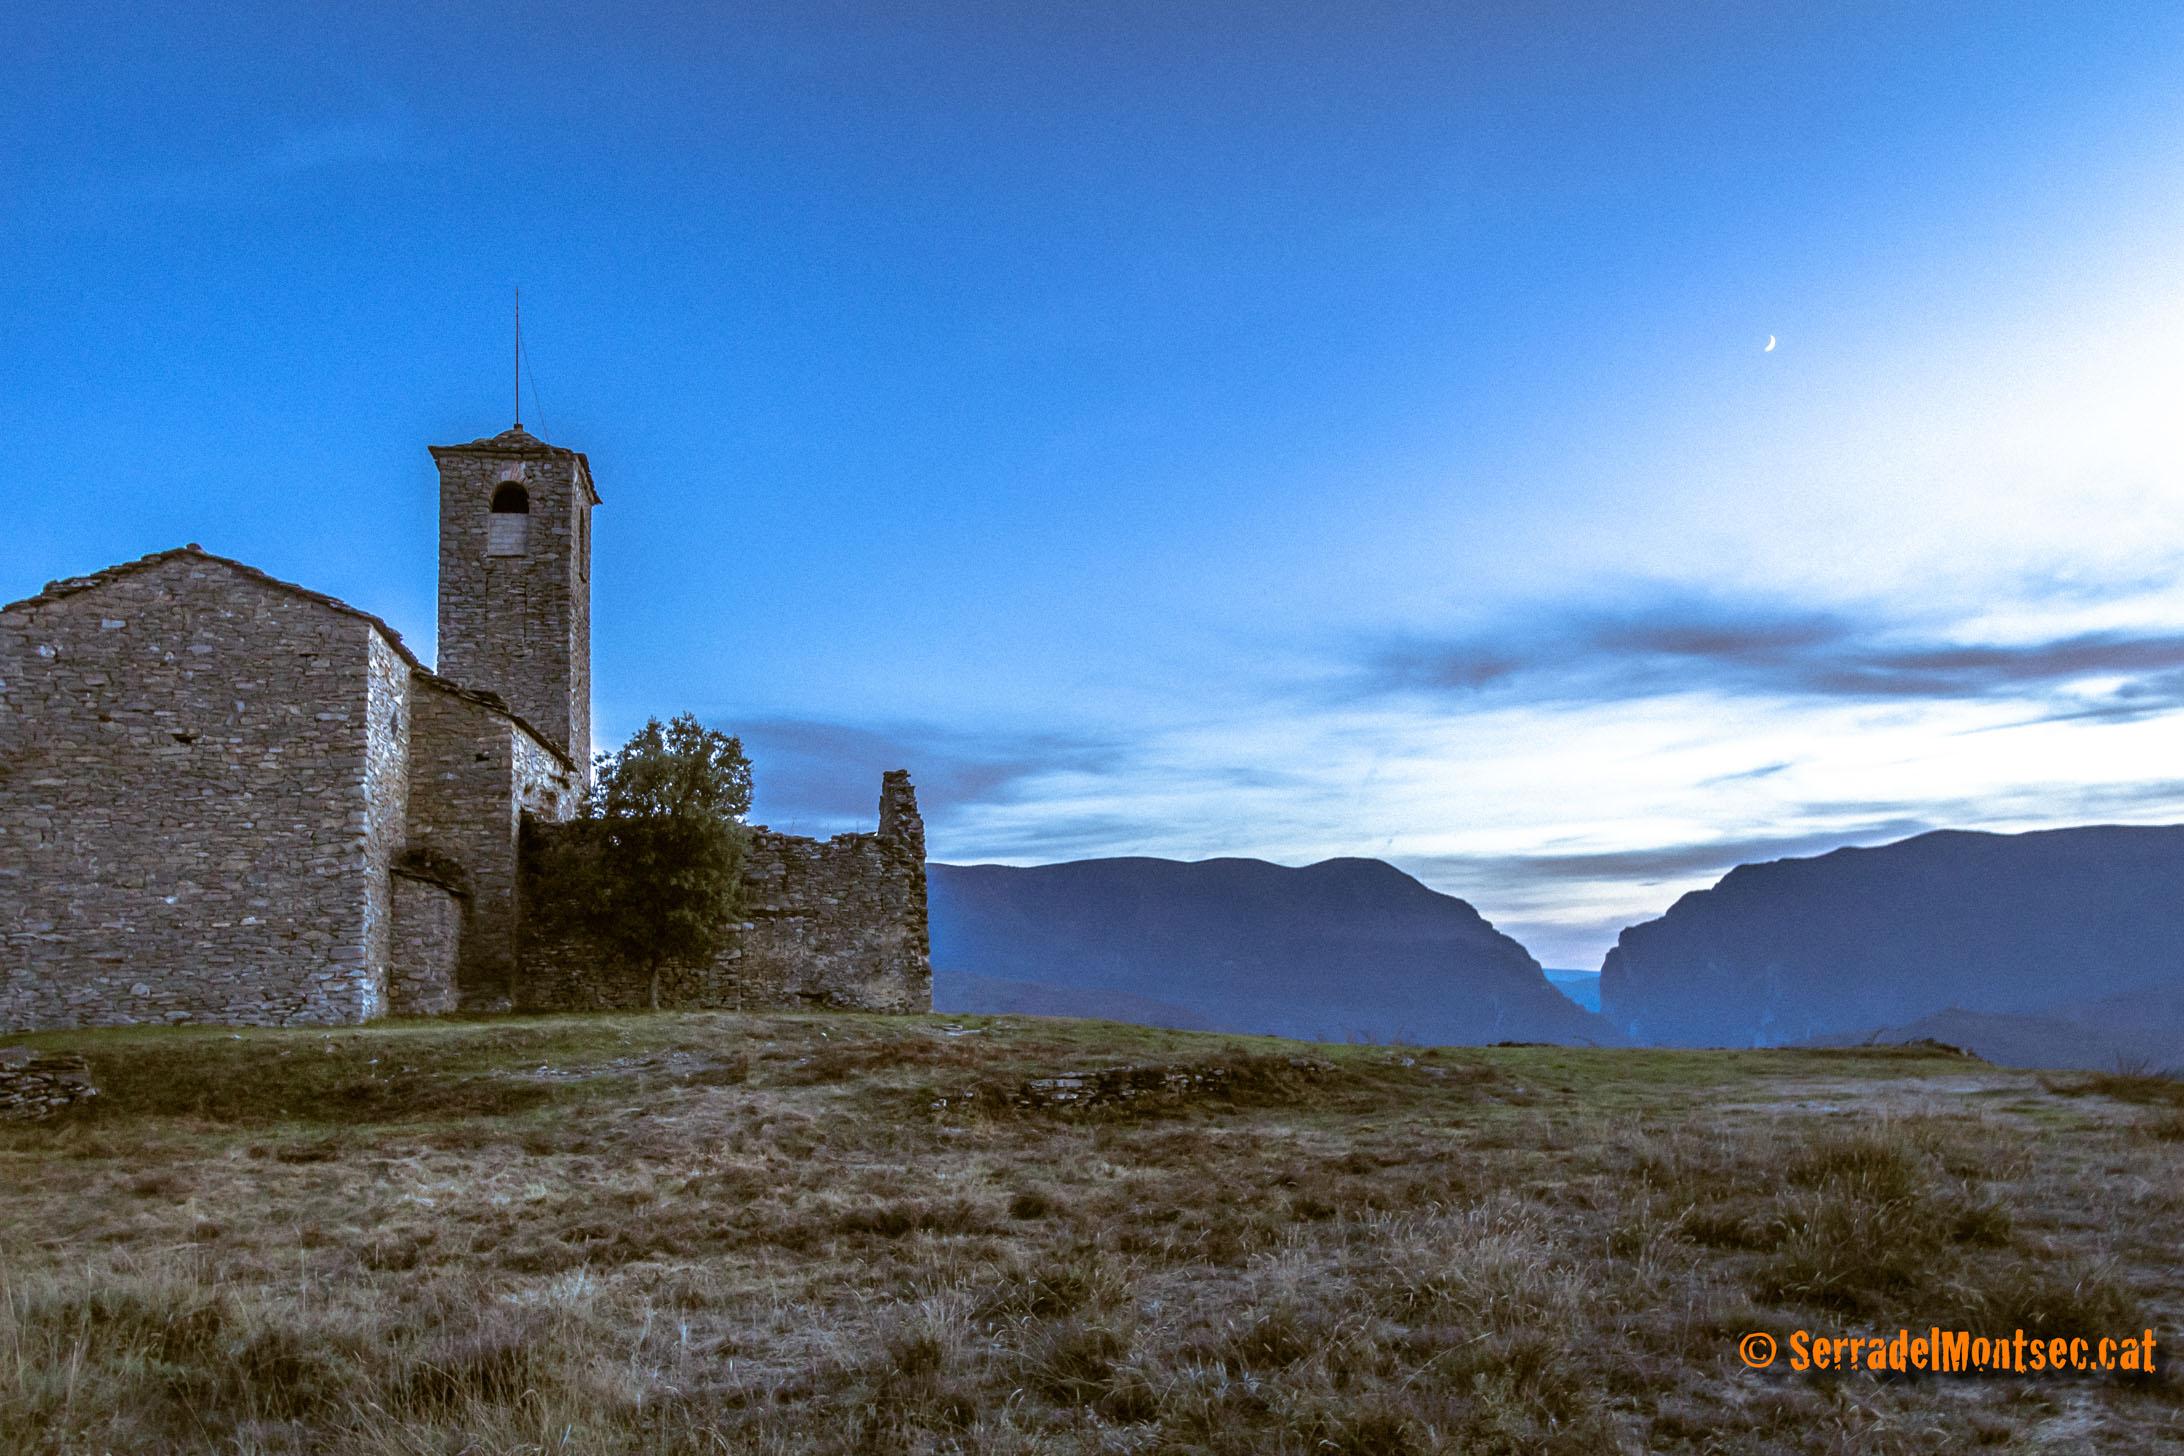 Tossal de l'Abadia amb l'església de Sant Joan Baptista i el Congost de Mont-rebei al fons, Castissent. Tremp, Pallars Jussà. Lleida, Catalunya. Montsec d'Ares.